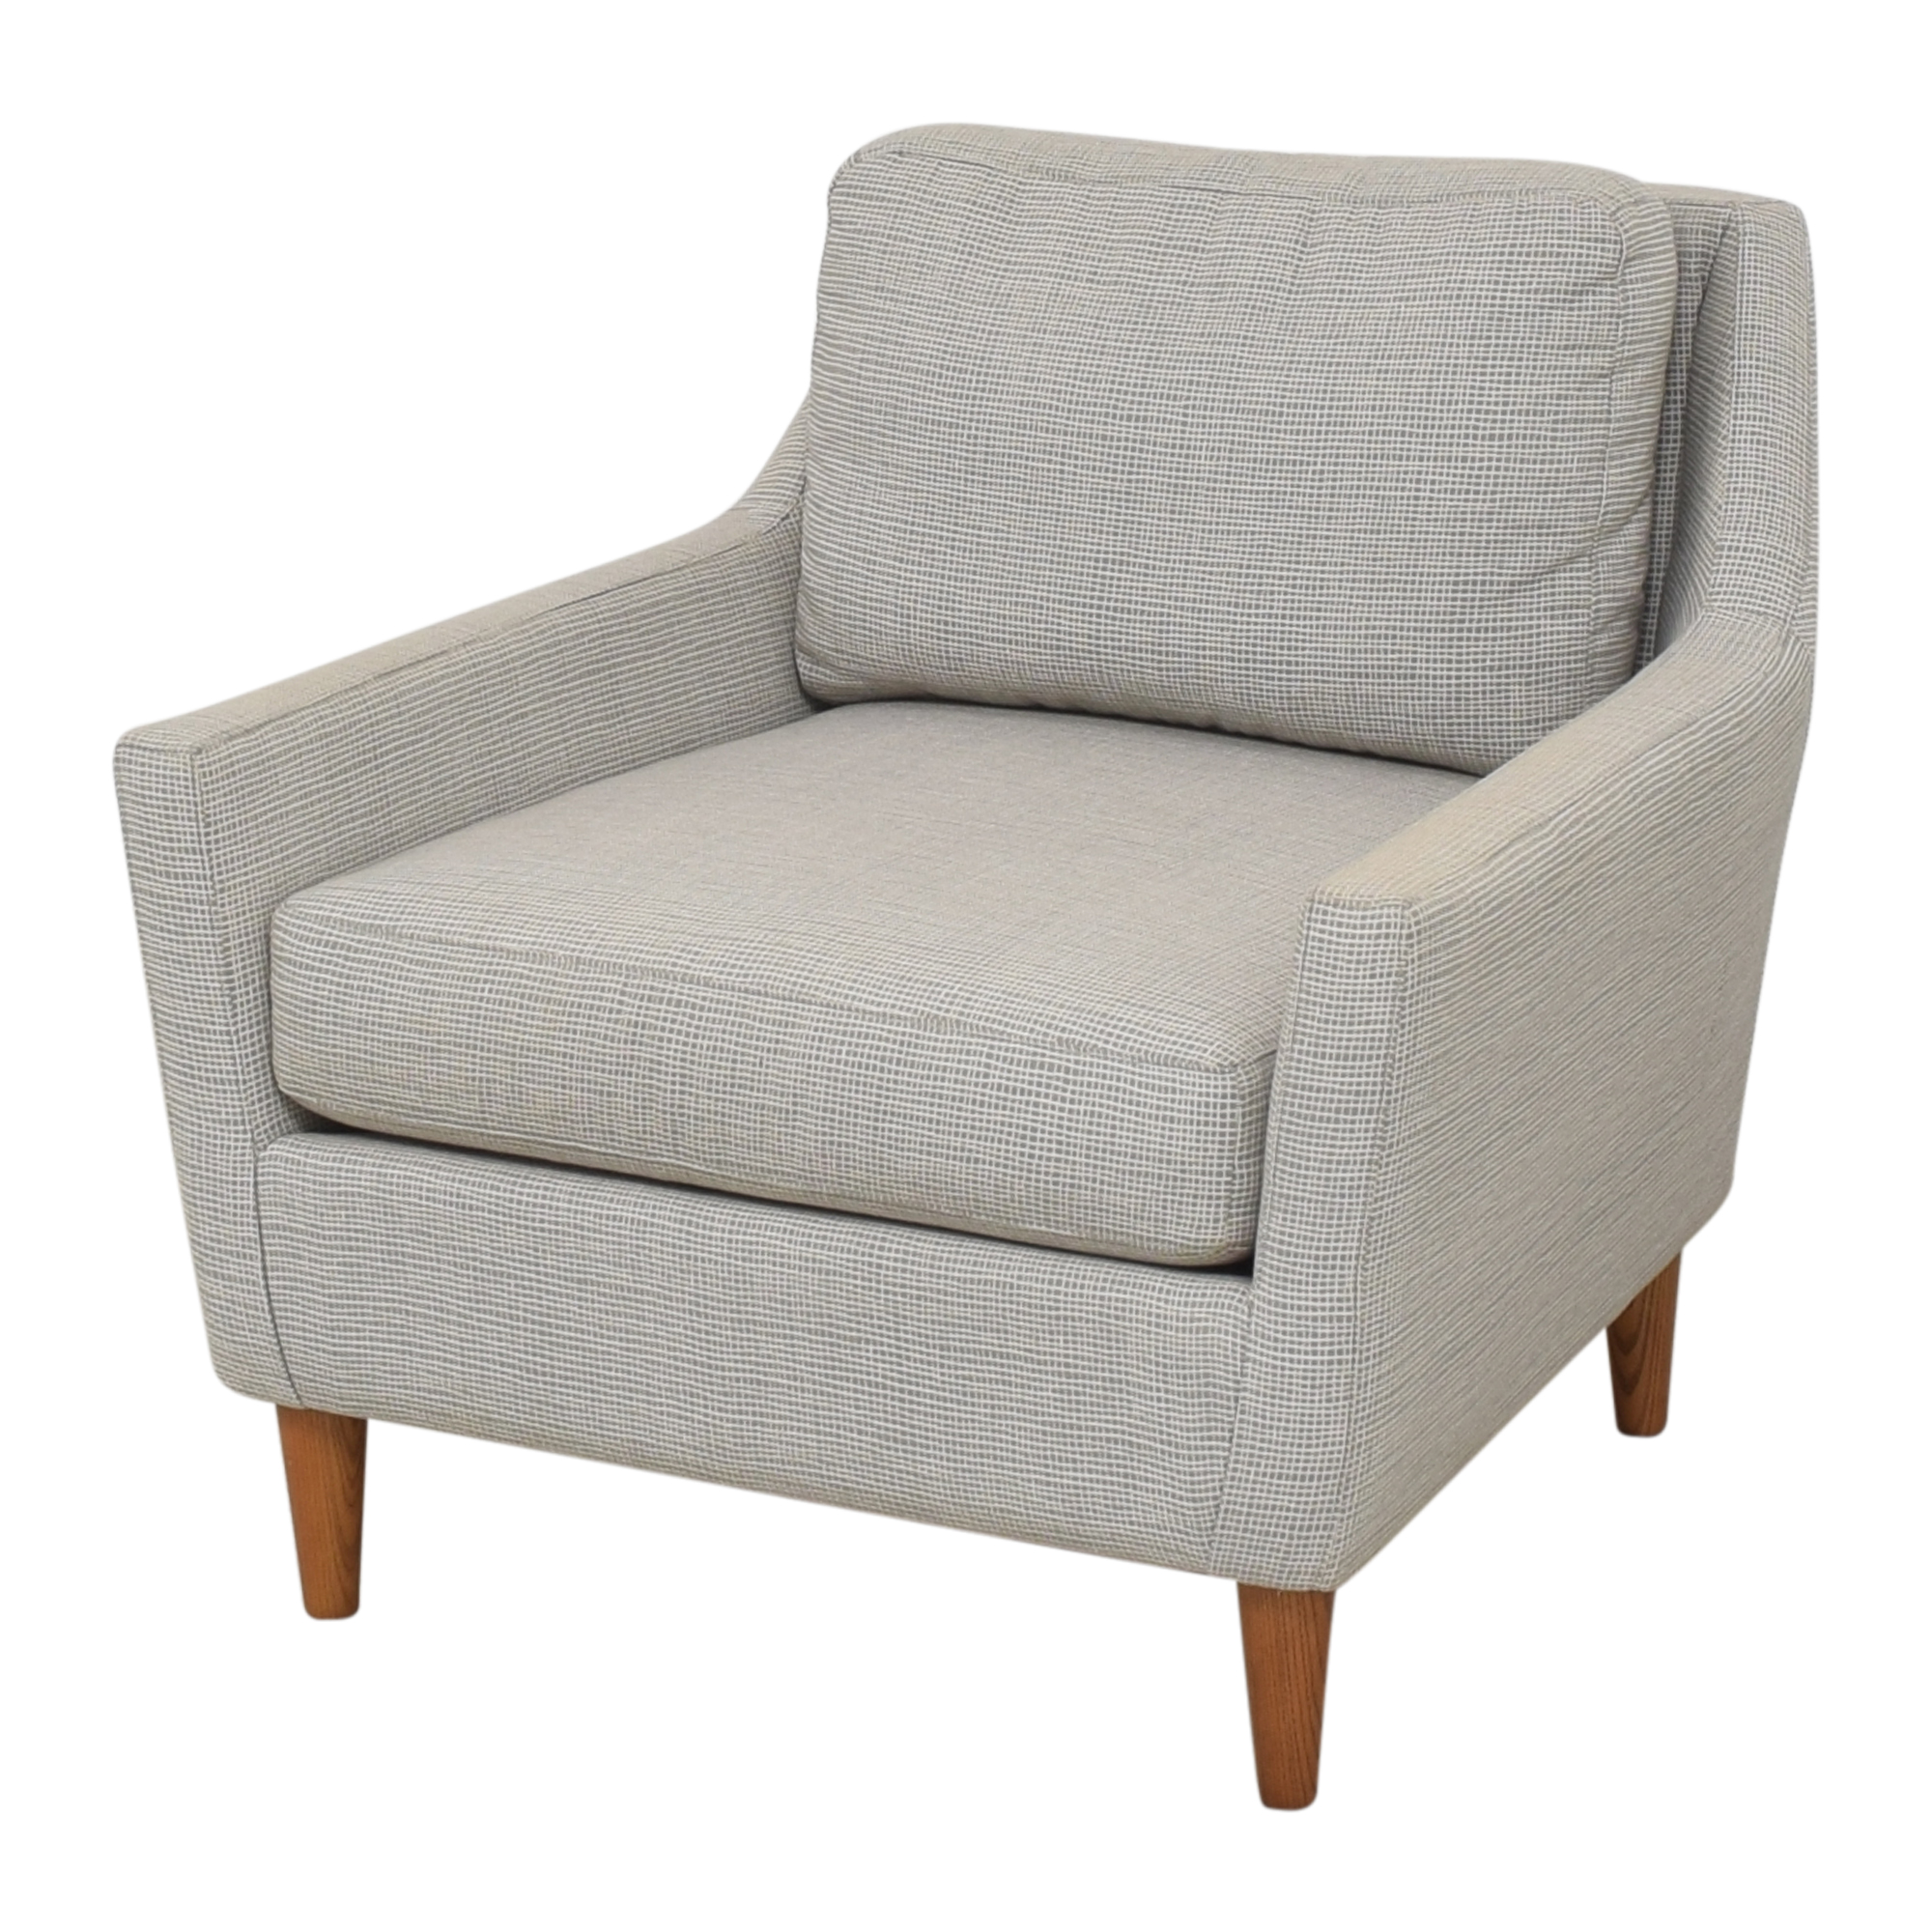 West Elm West Elm Everett Chair light grey